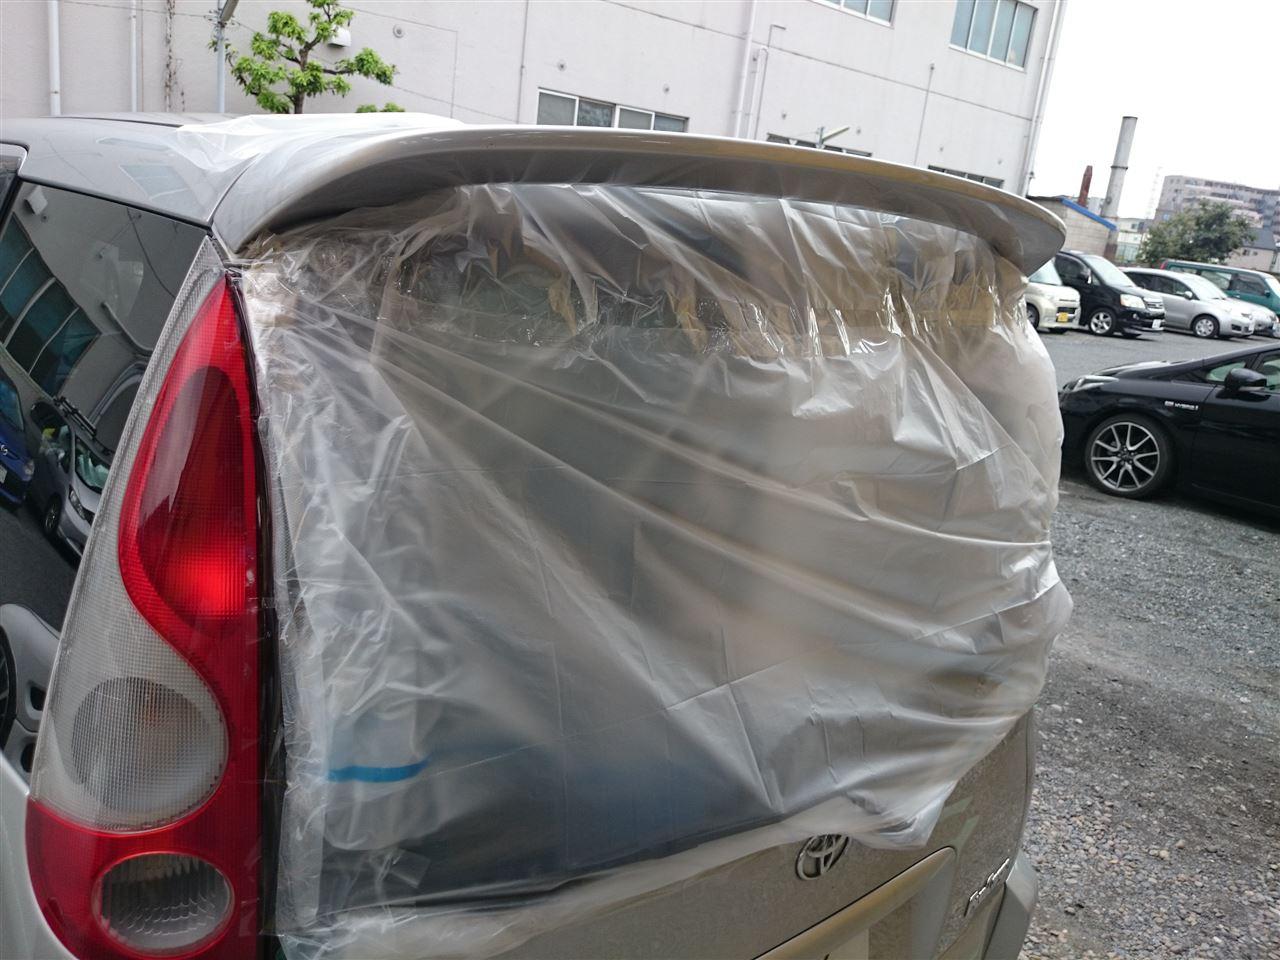 東京都立川市の車の板金塗装修理工場 ガレージローライドのトヨタ ファンカーゴのリヤまわり等のキズ へこみ の板金 修理 塗装 です。